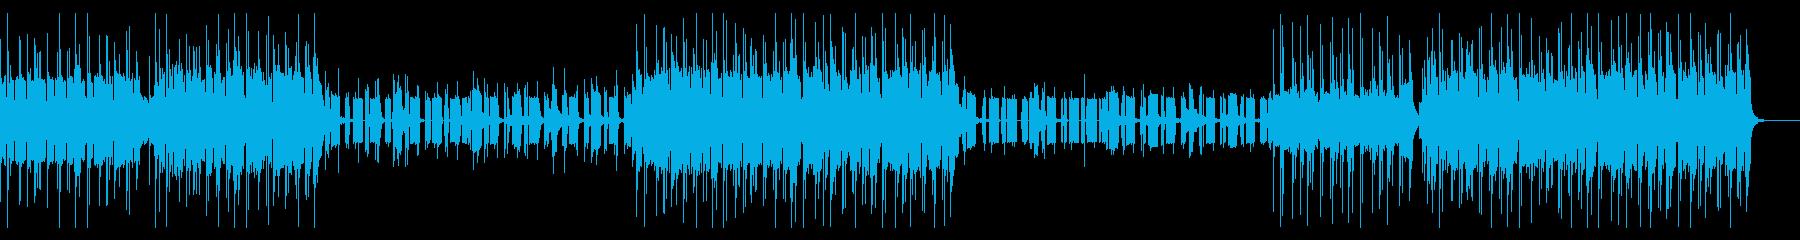 エレクトロとHip hopなビートの曲の再生済みの波形